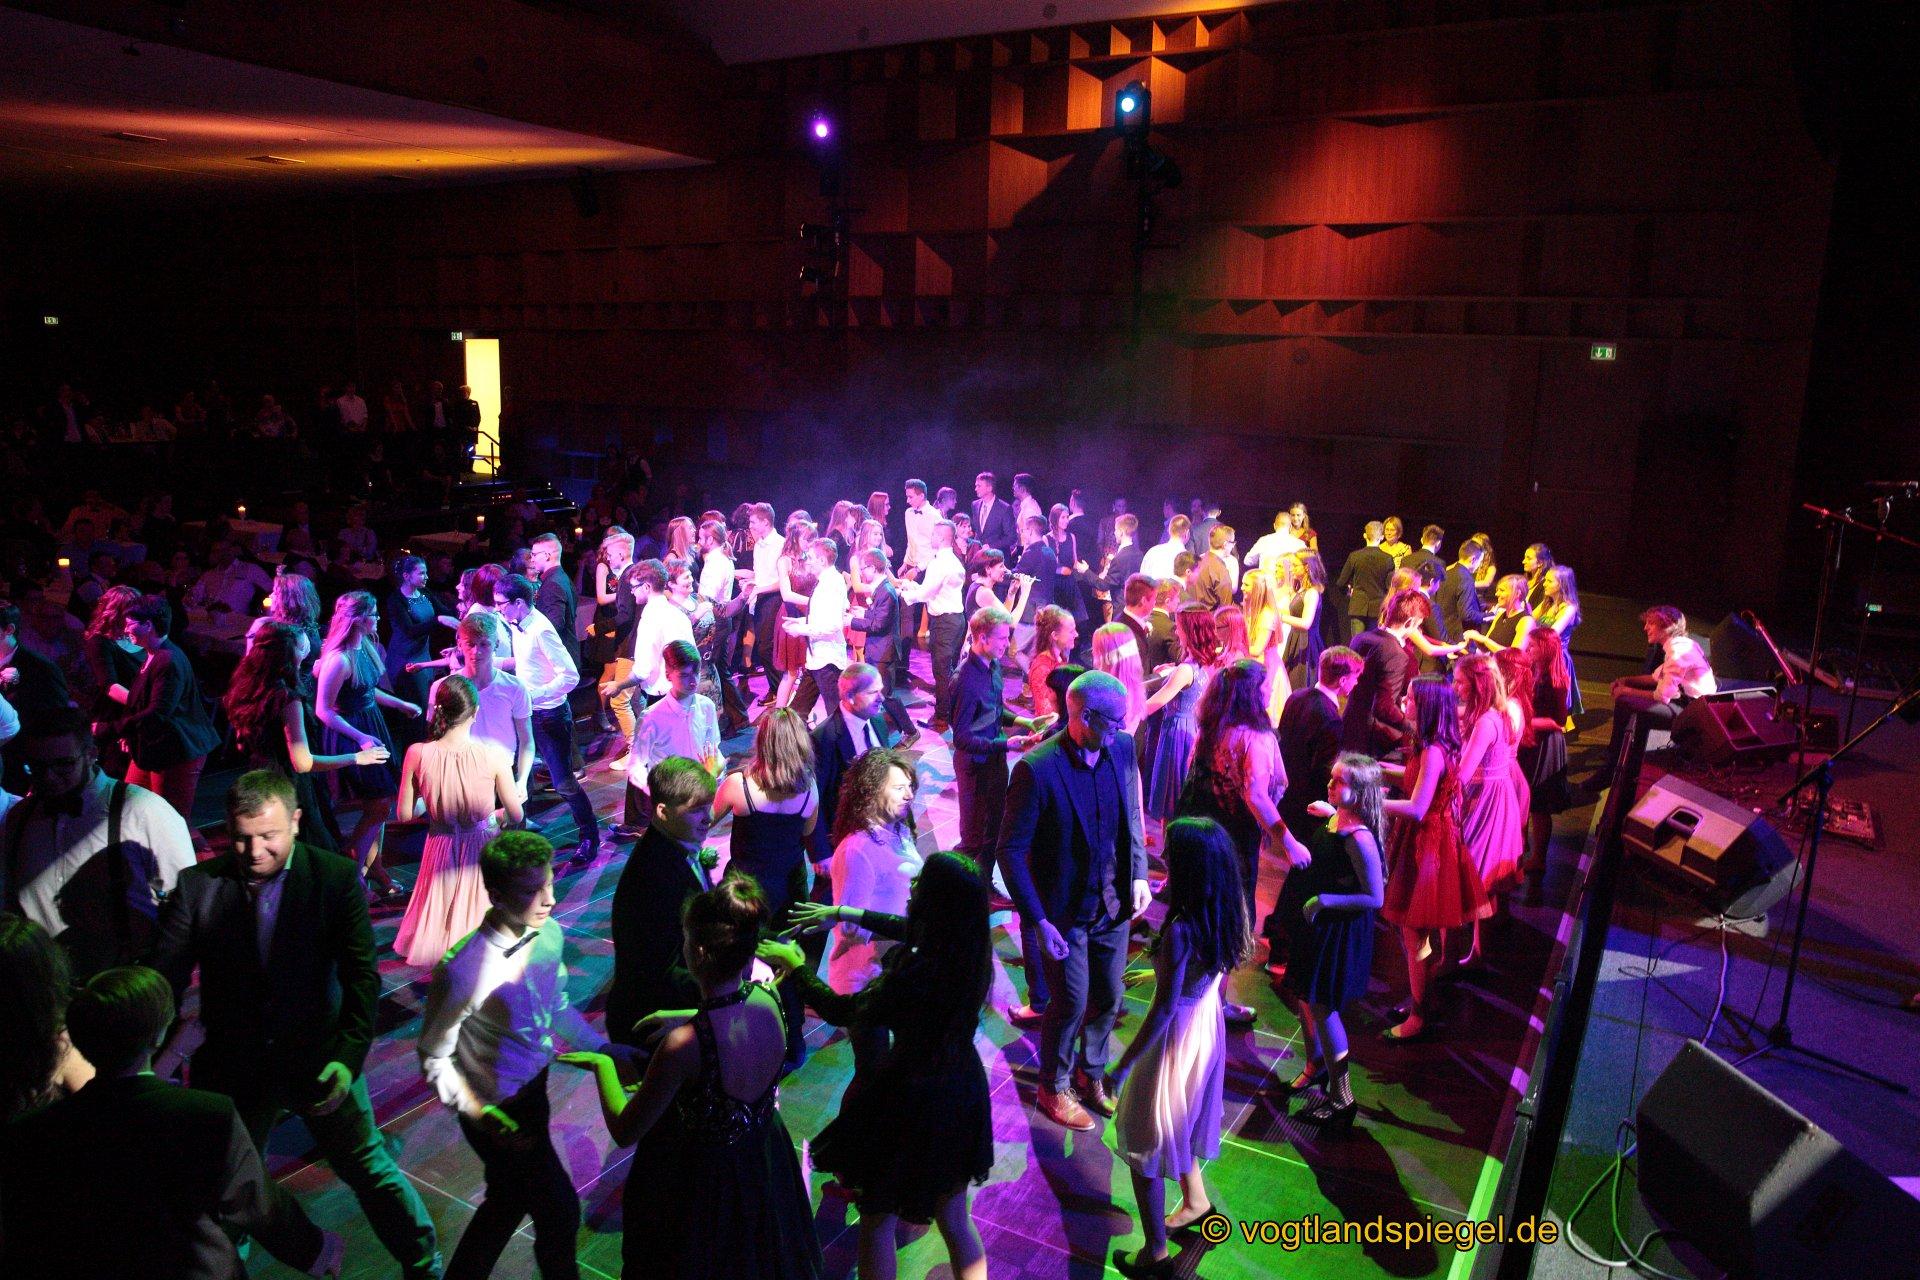 ADTV-Tanzschule Schaller-Schmeißer lud zum Abschlussball des Tanzkurses für Jugendliche in die Vogtlandhalle Greiz ein.